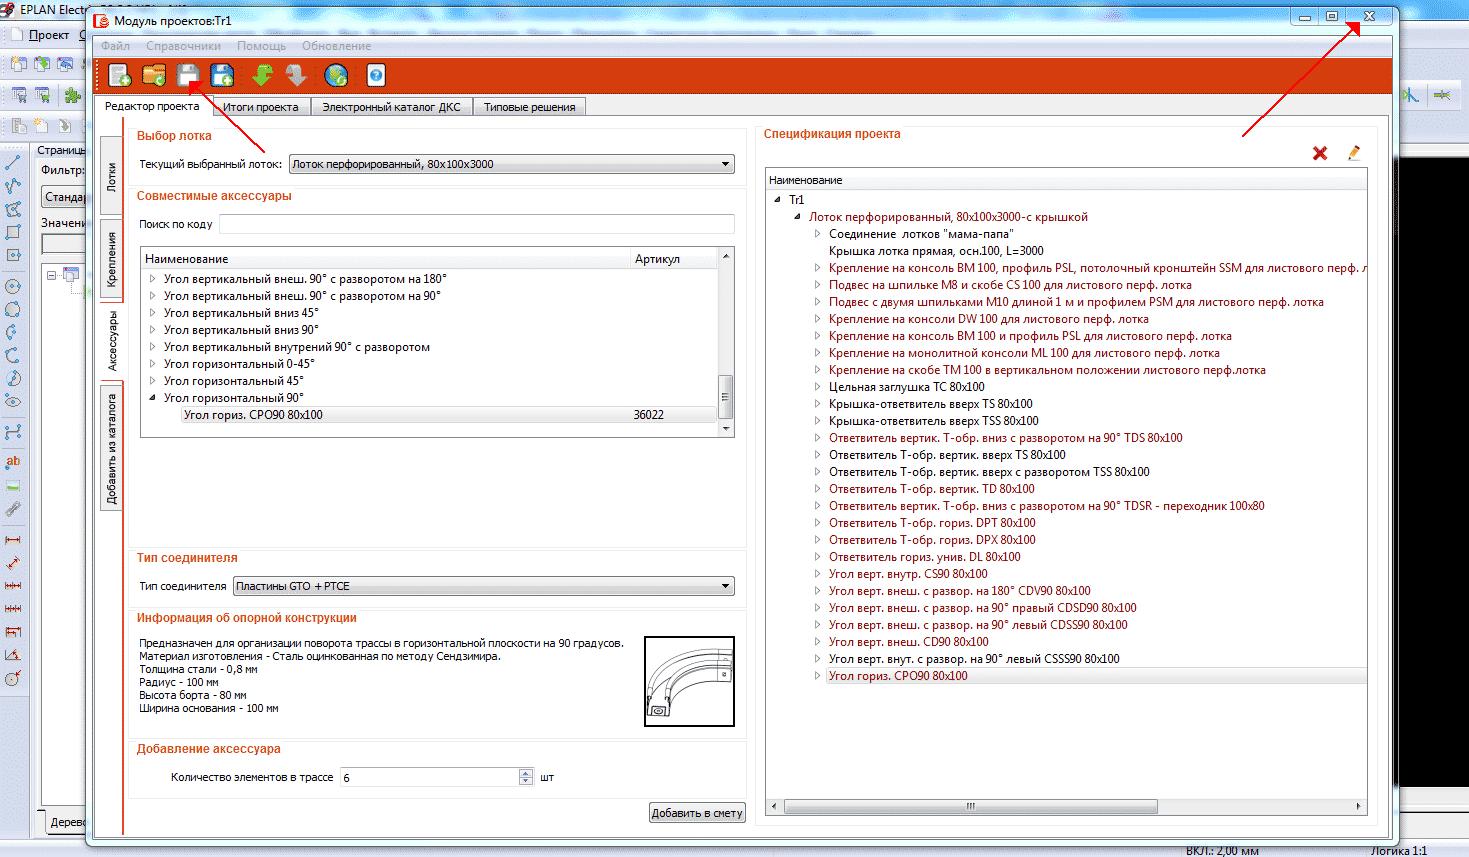 конфигурированию кабельной трассы в конфигураторе FixCombitech